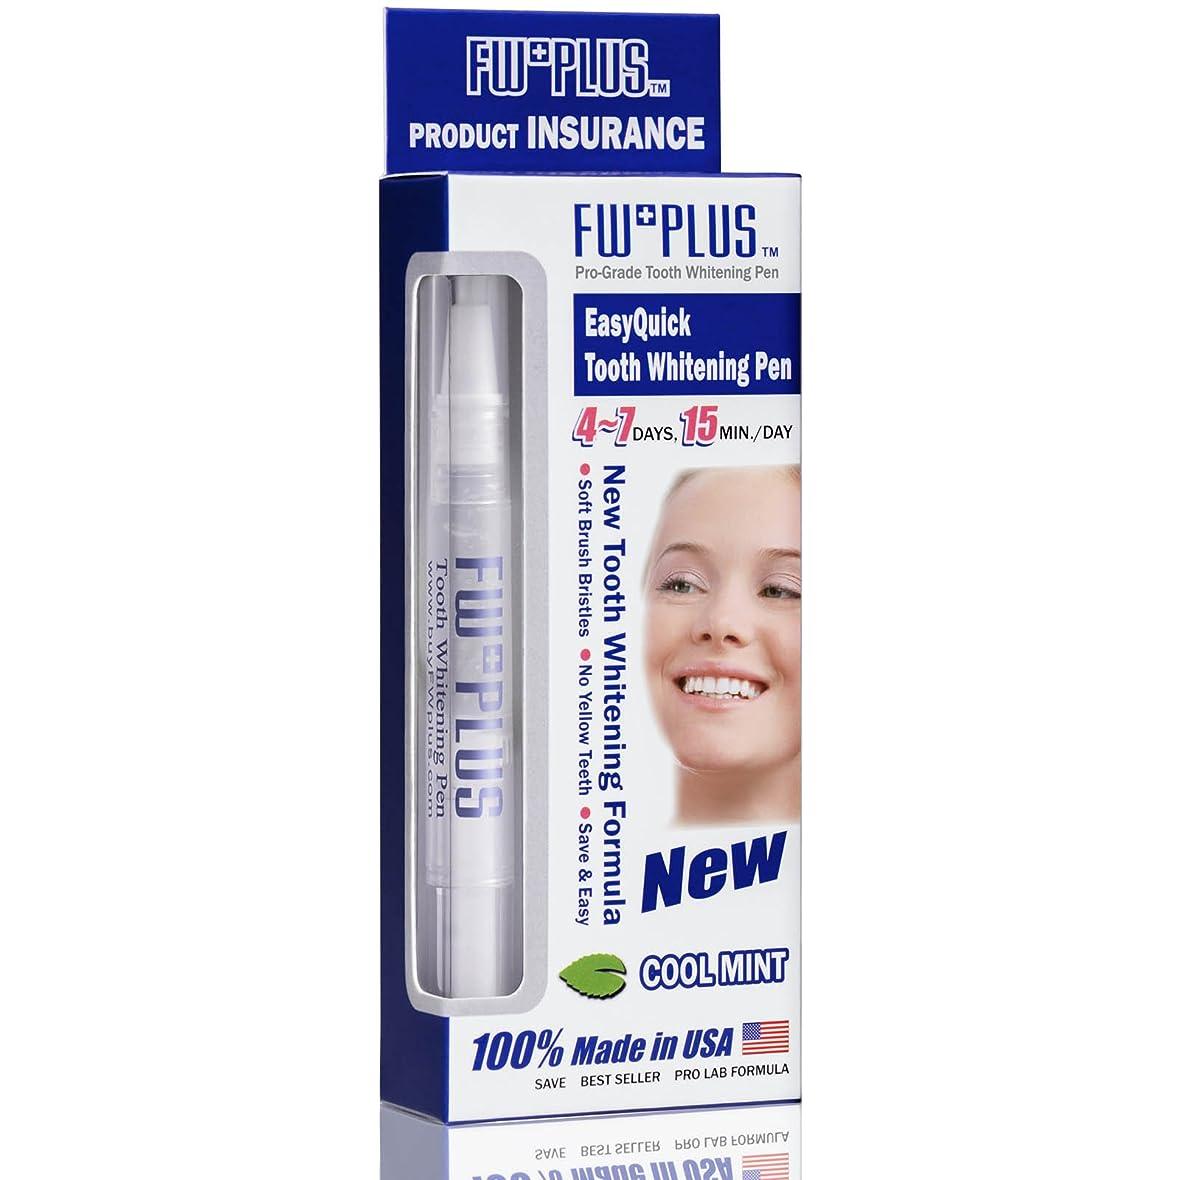 ユーザー顧問ラインFW+PLUS菲斯華 歯を白くする 簡単即効ホーム歯ホワイトニングペン 歯ホワイトニング 人気 歯ホワイトニング ジェル